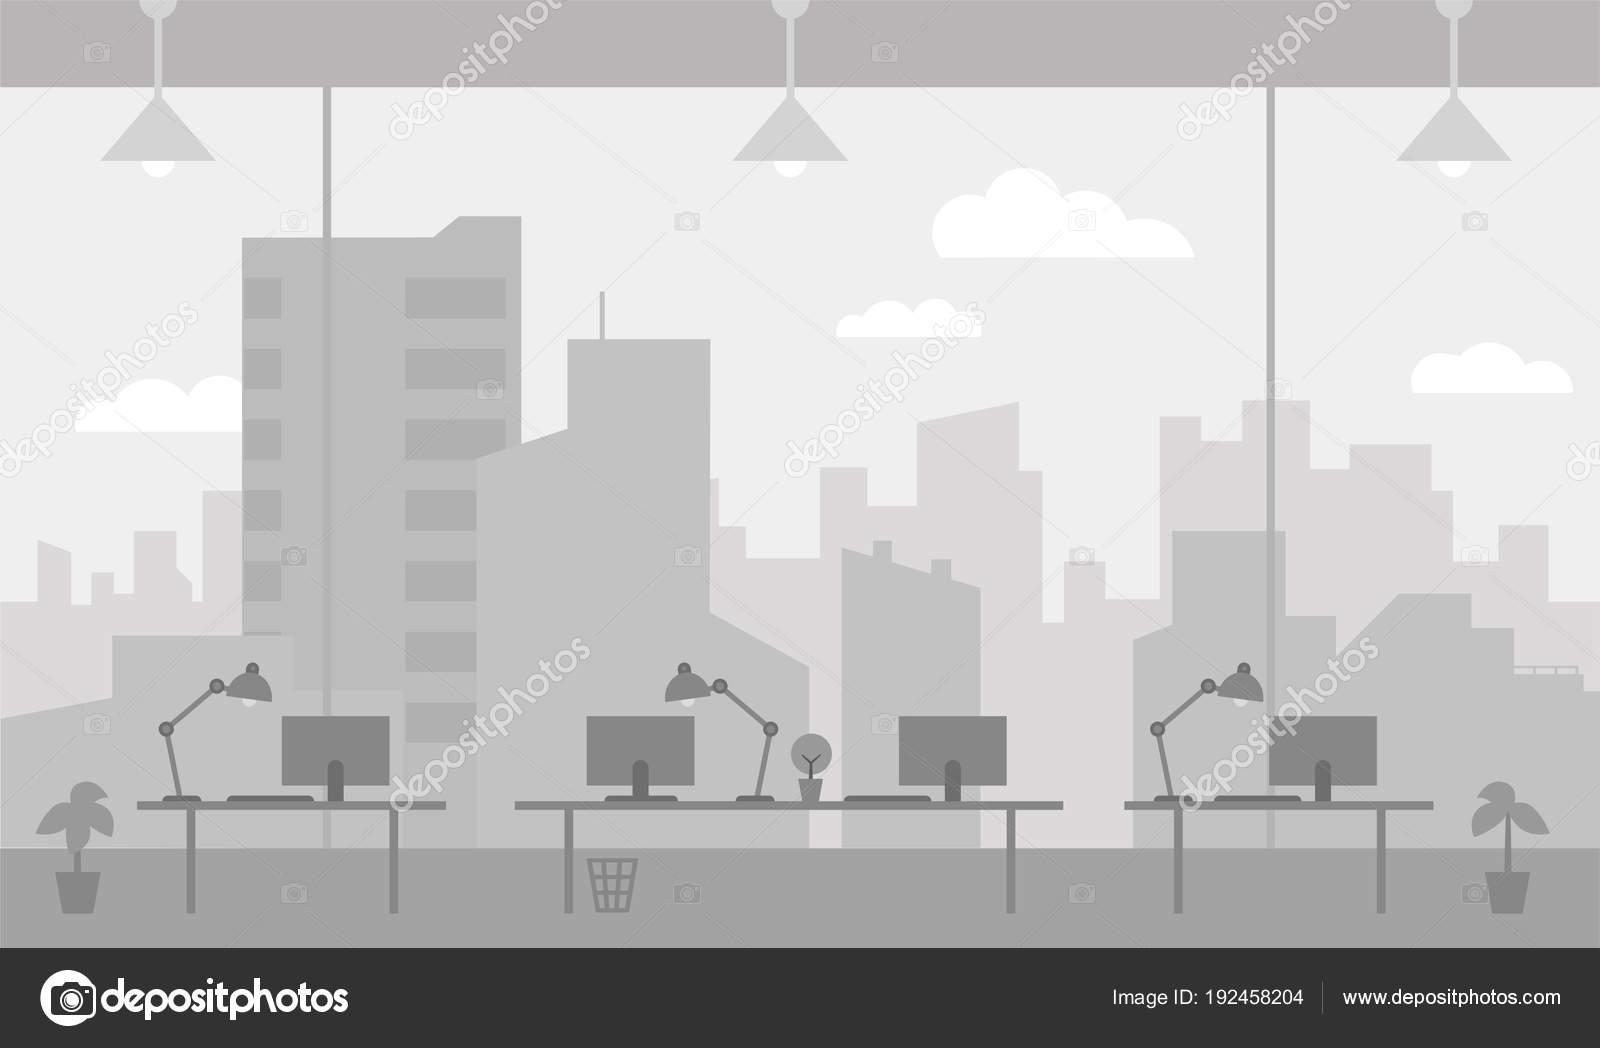 Lavoro Ufficio Clipart : Ufficio sul posto di lavoro colore grigio finestra sfondo stanza